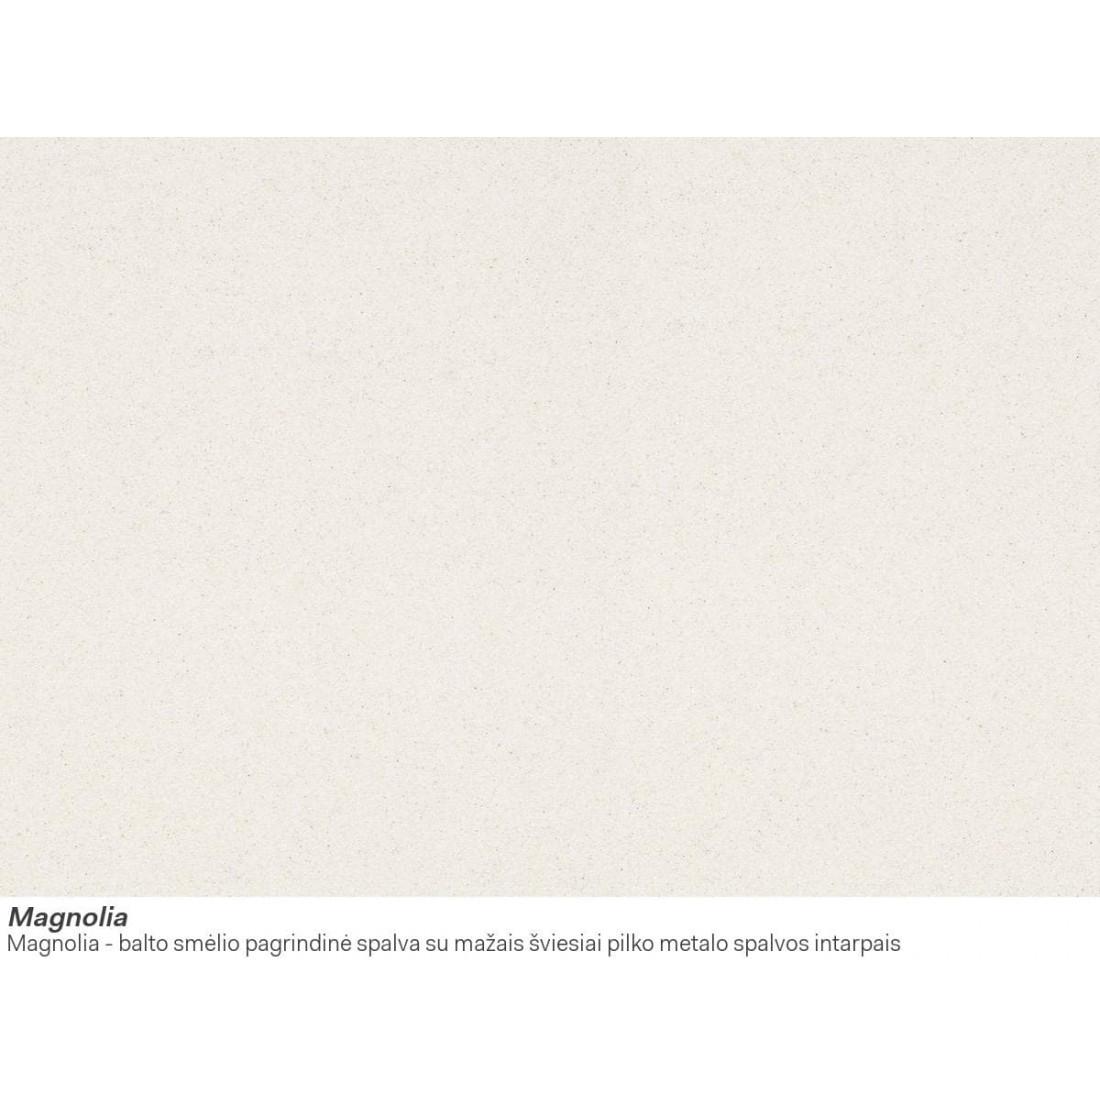 Akmens masės plautuvė Franke Mythos, MTG 611, Magnolia, dubuo dešinėje